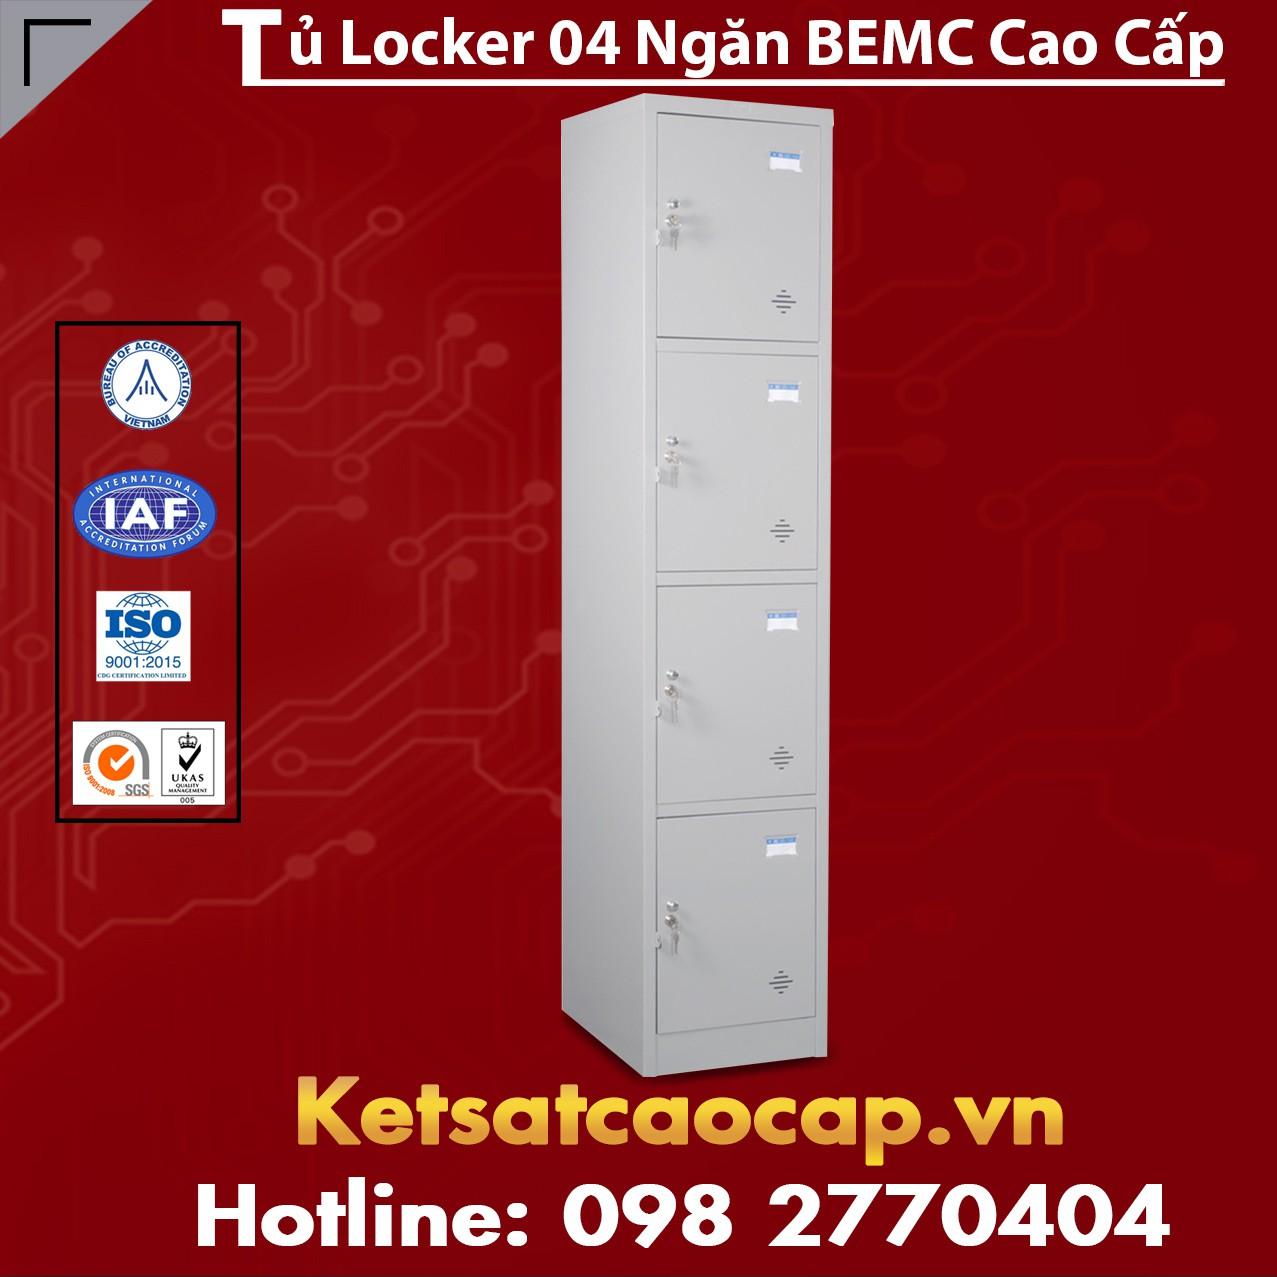 Tủ Locker BEMC 4 Ngăn